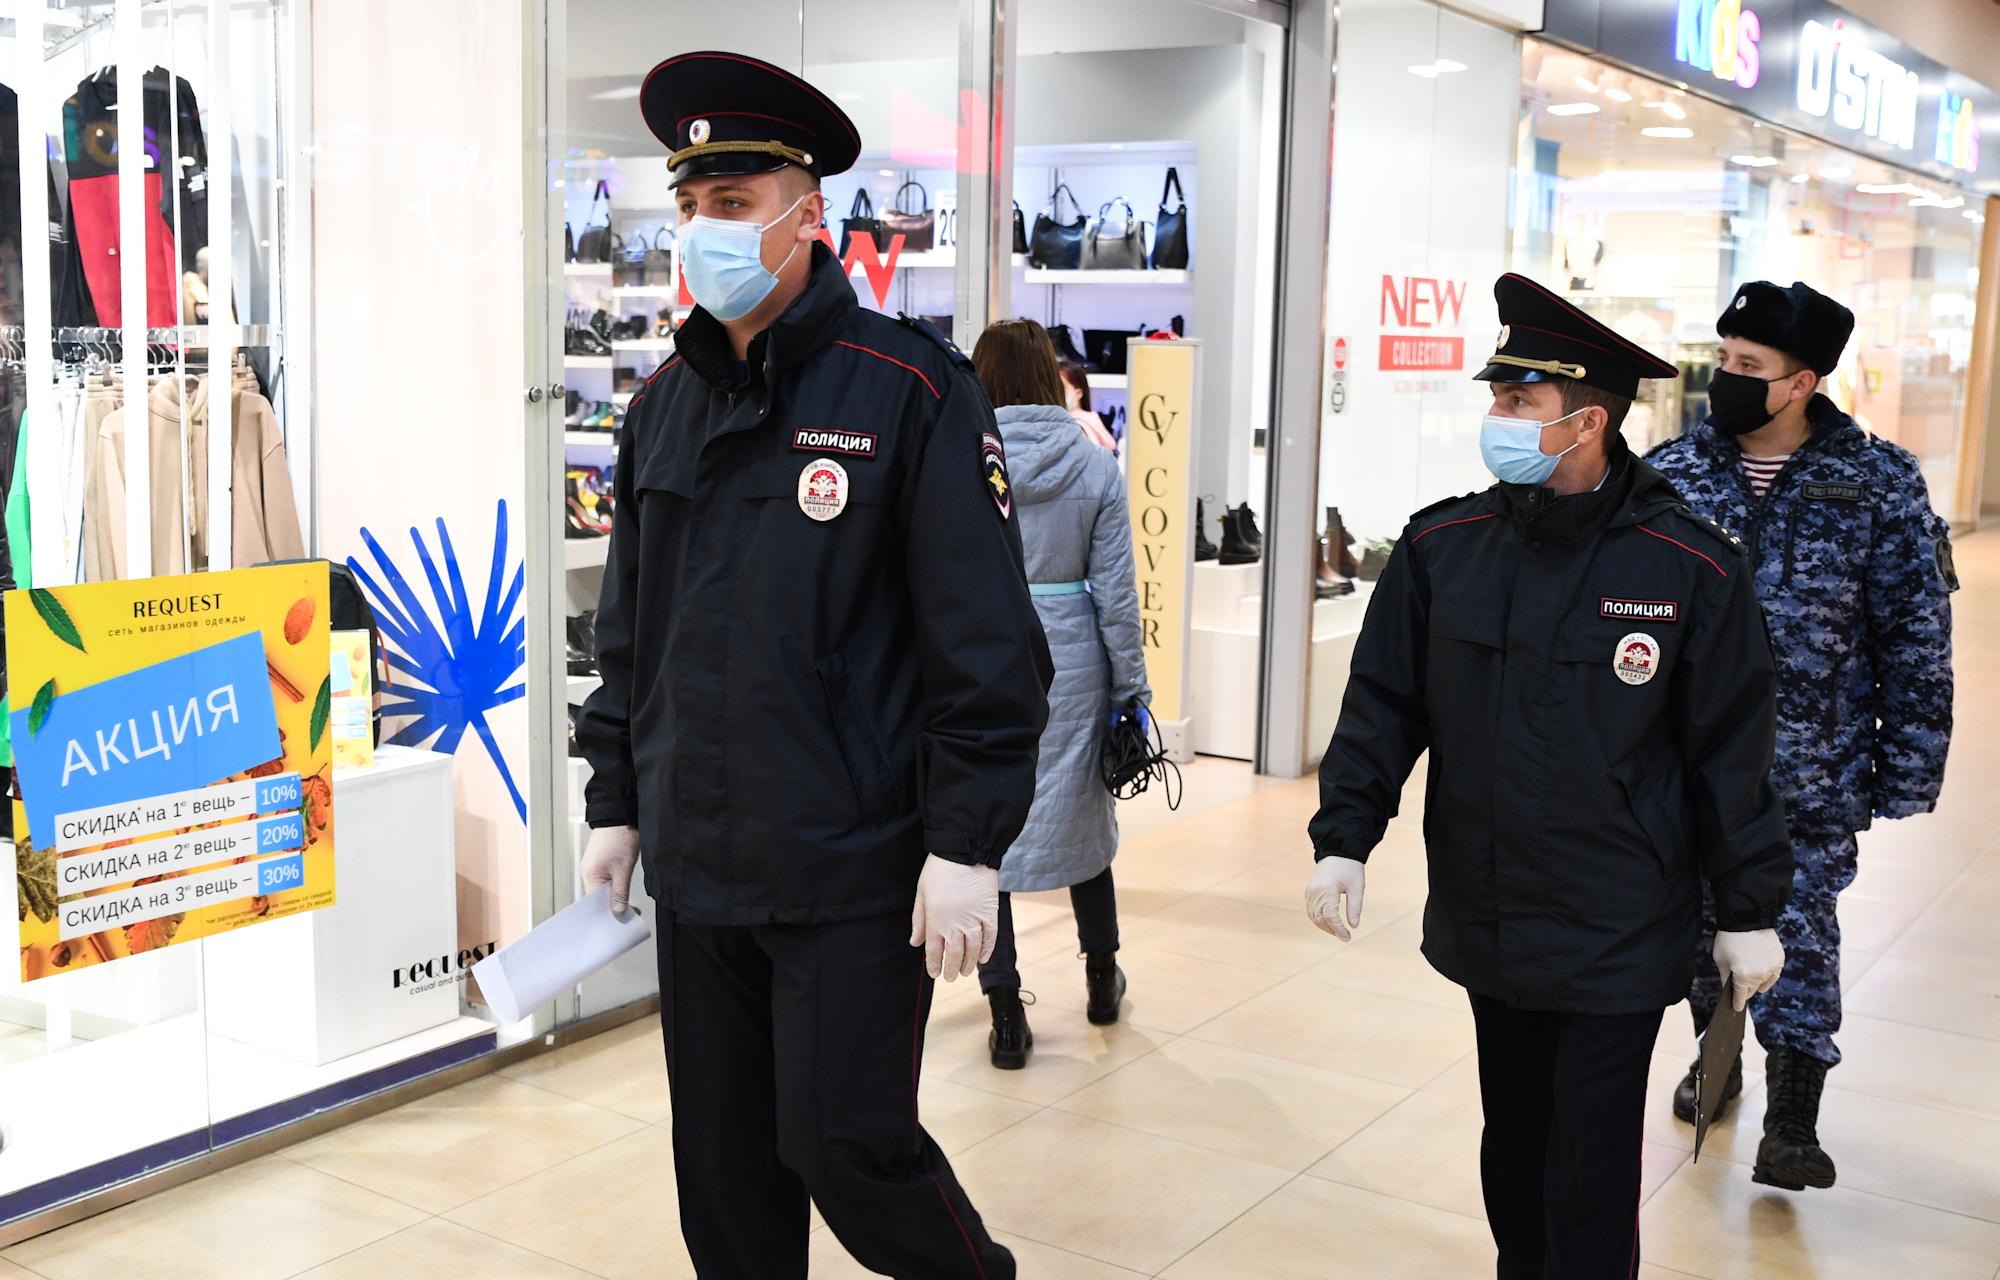 Жители Тверской области пошли под суд за отсутствие масок в магазинах